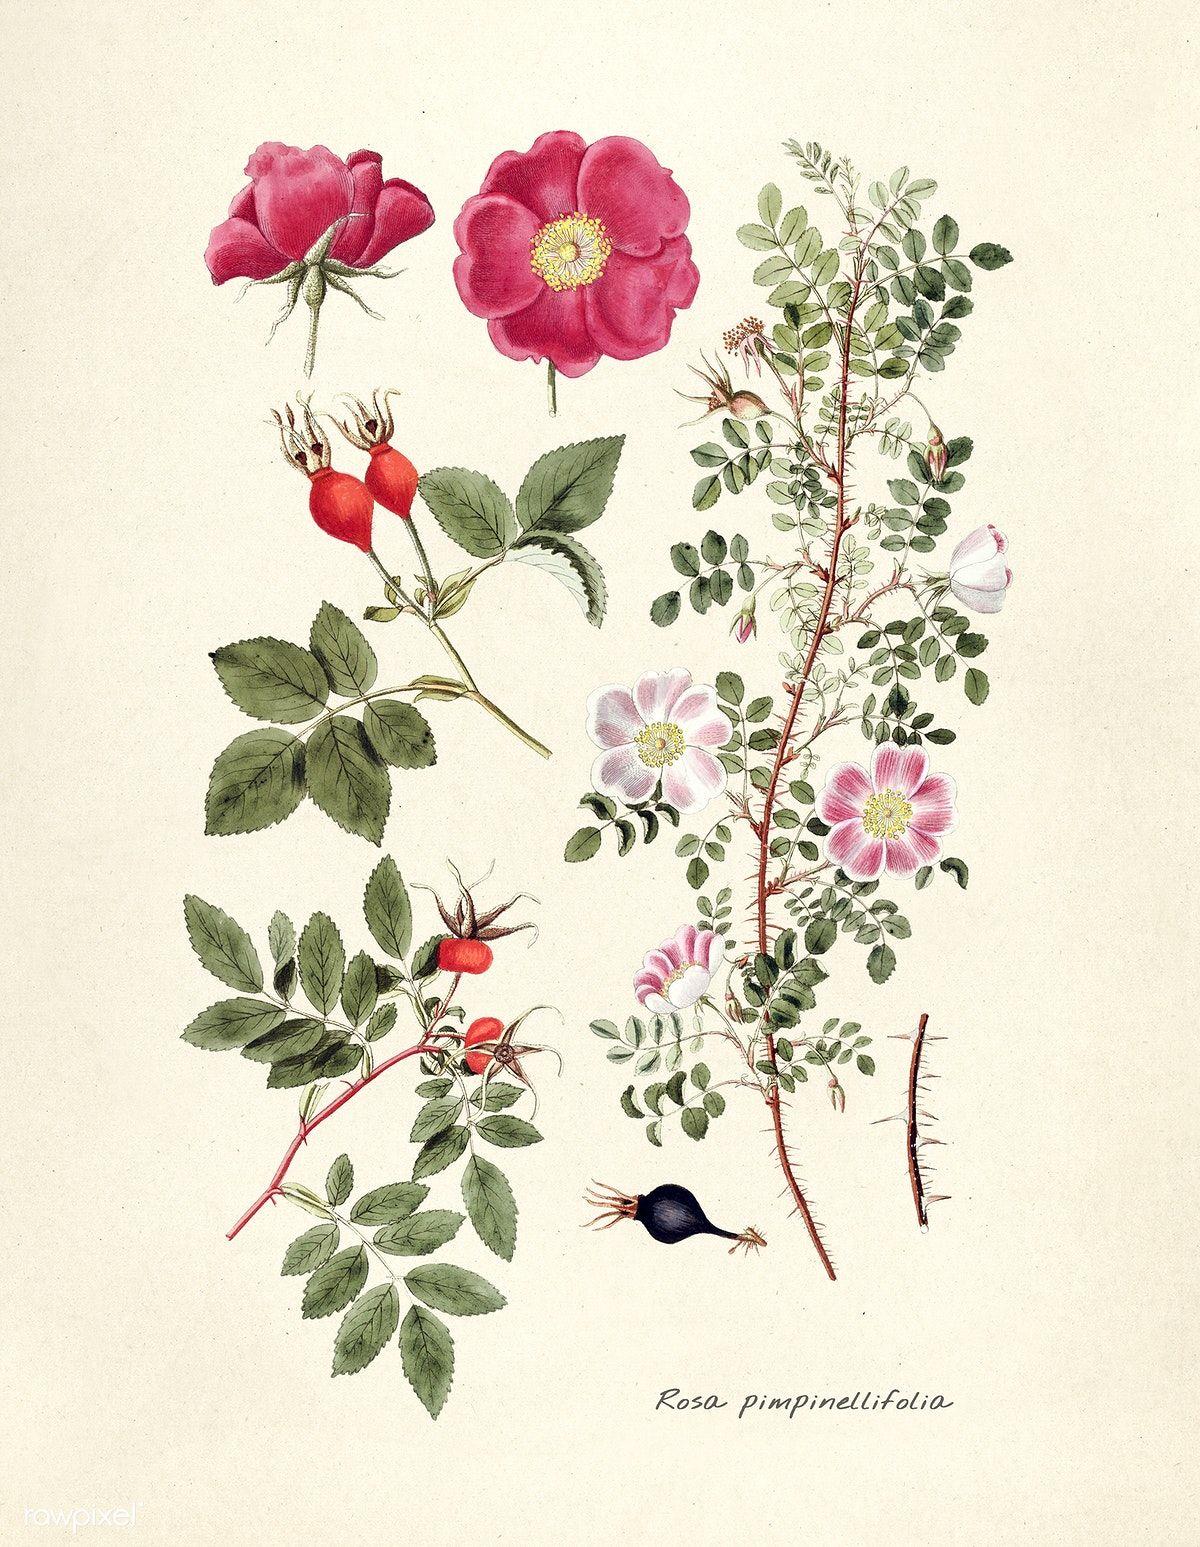 Download Premium Illustration Of Antique Illustration Of Rosa Botanical Drawings Flower Illustration Rose Illustration